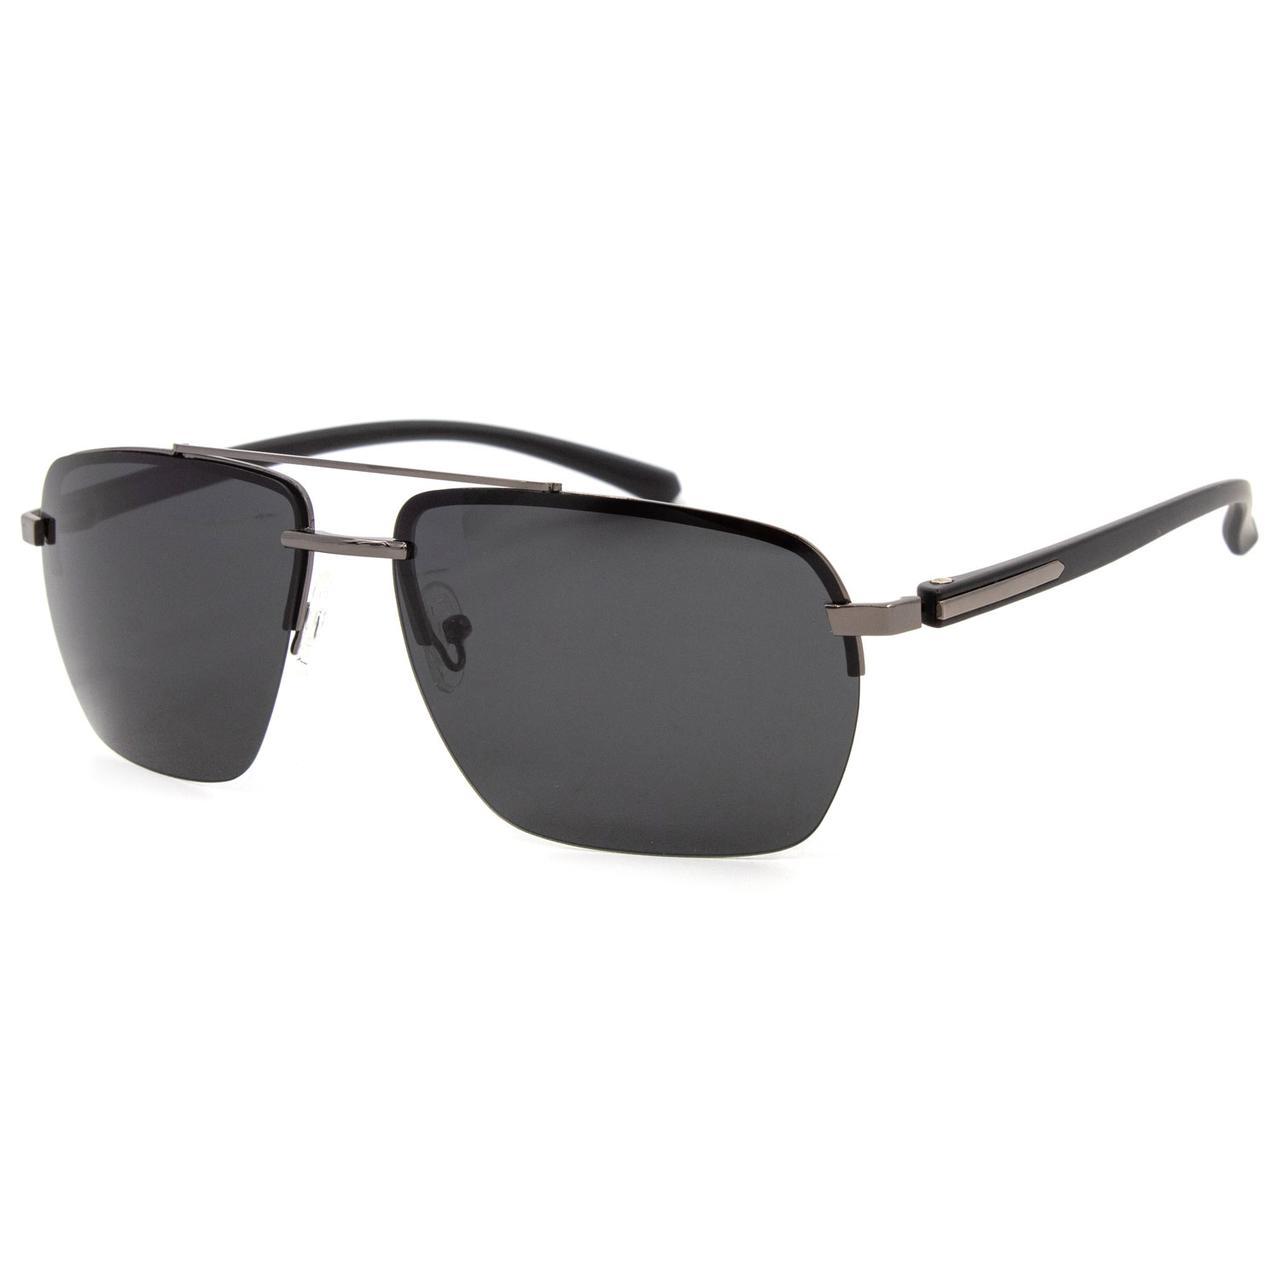 Солнцезащитные очки Marmilen Polar P201902 C3 серебрянные с черным матовые  ( P201902-03 )